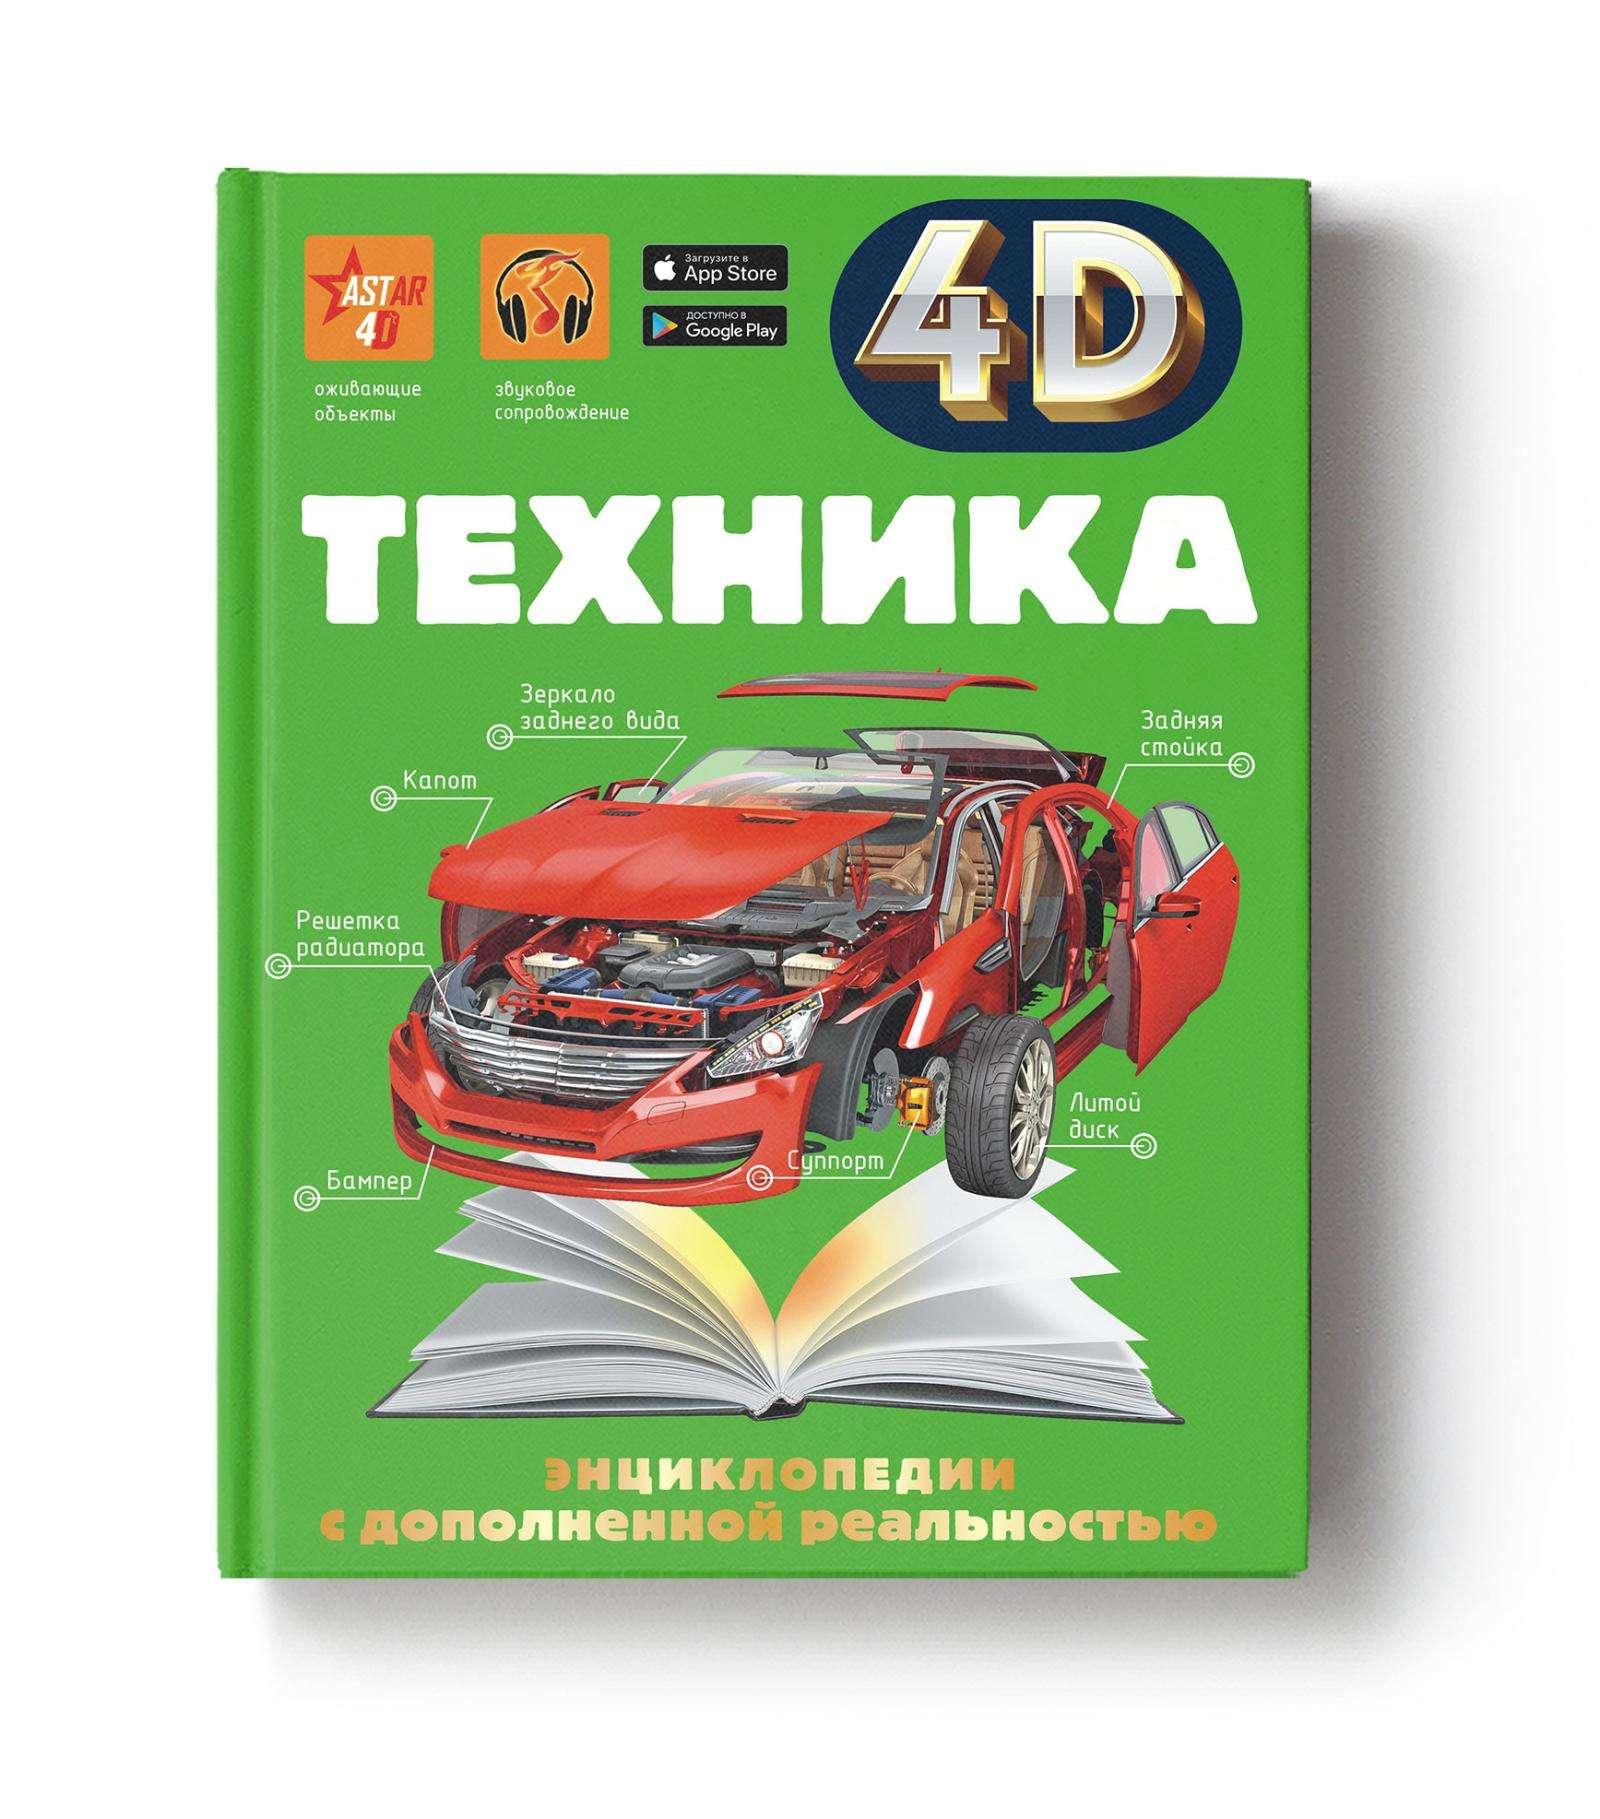 Что подарить юным защитникам: издательство АСТ предлагает подборку книг для мальчиков к 23 февраля и не только